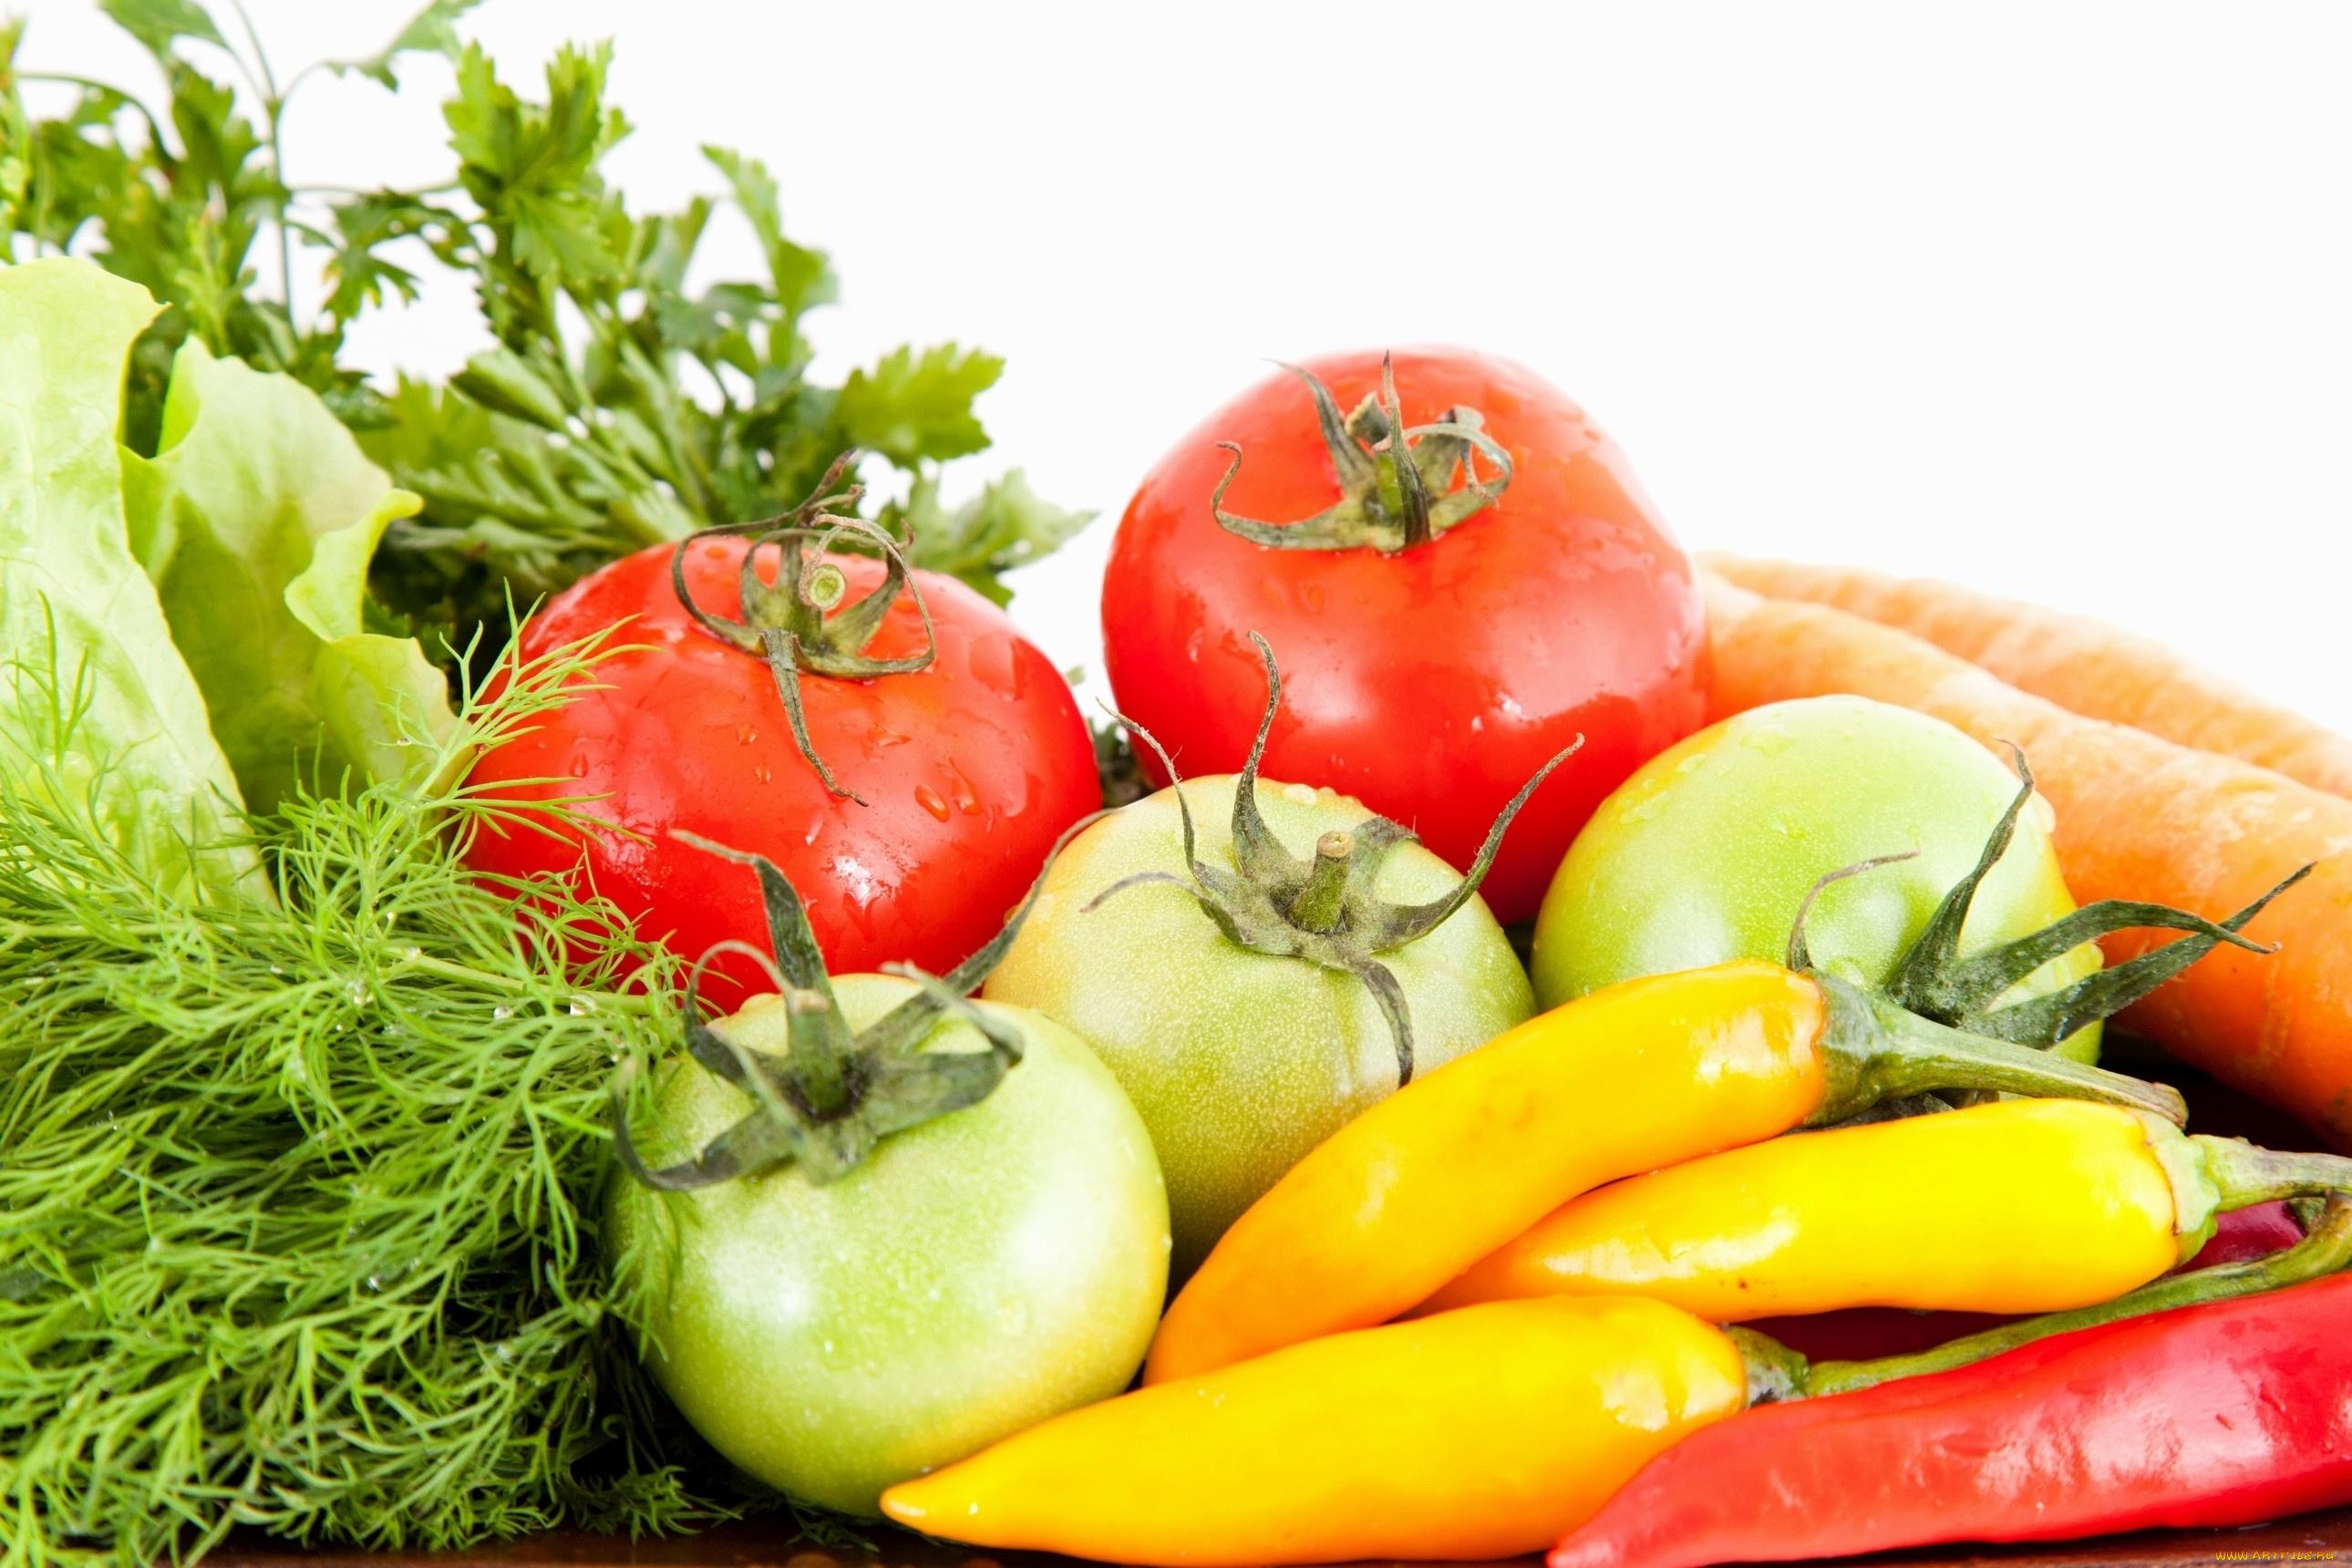 борщ помидоры перец зелень  № 2926290 без смс